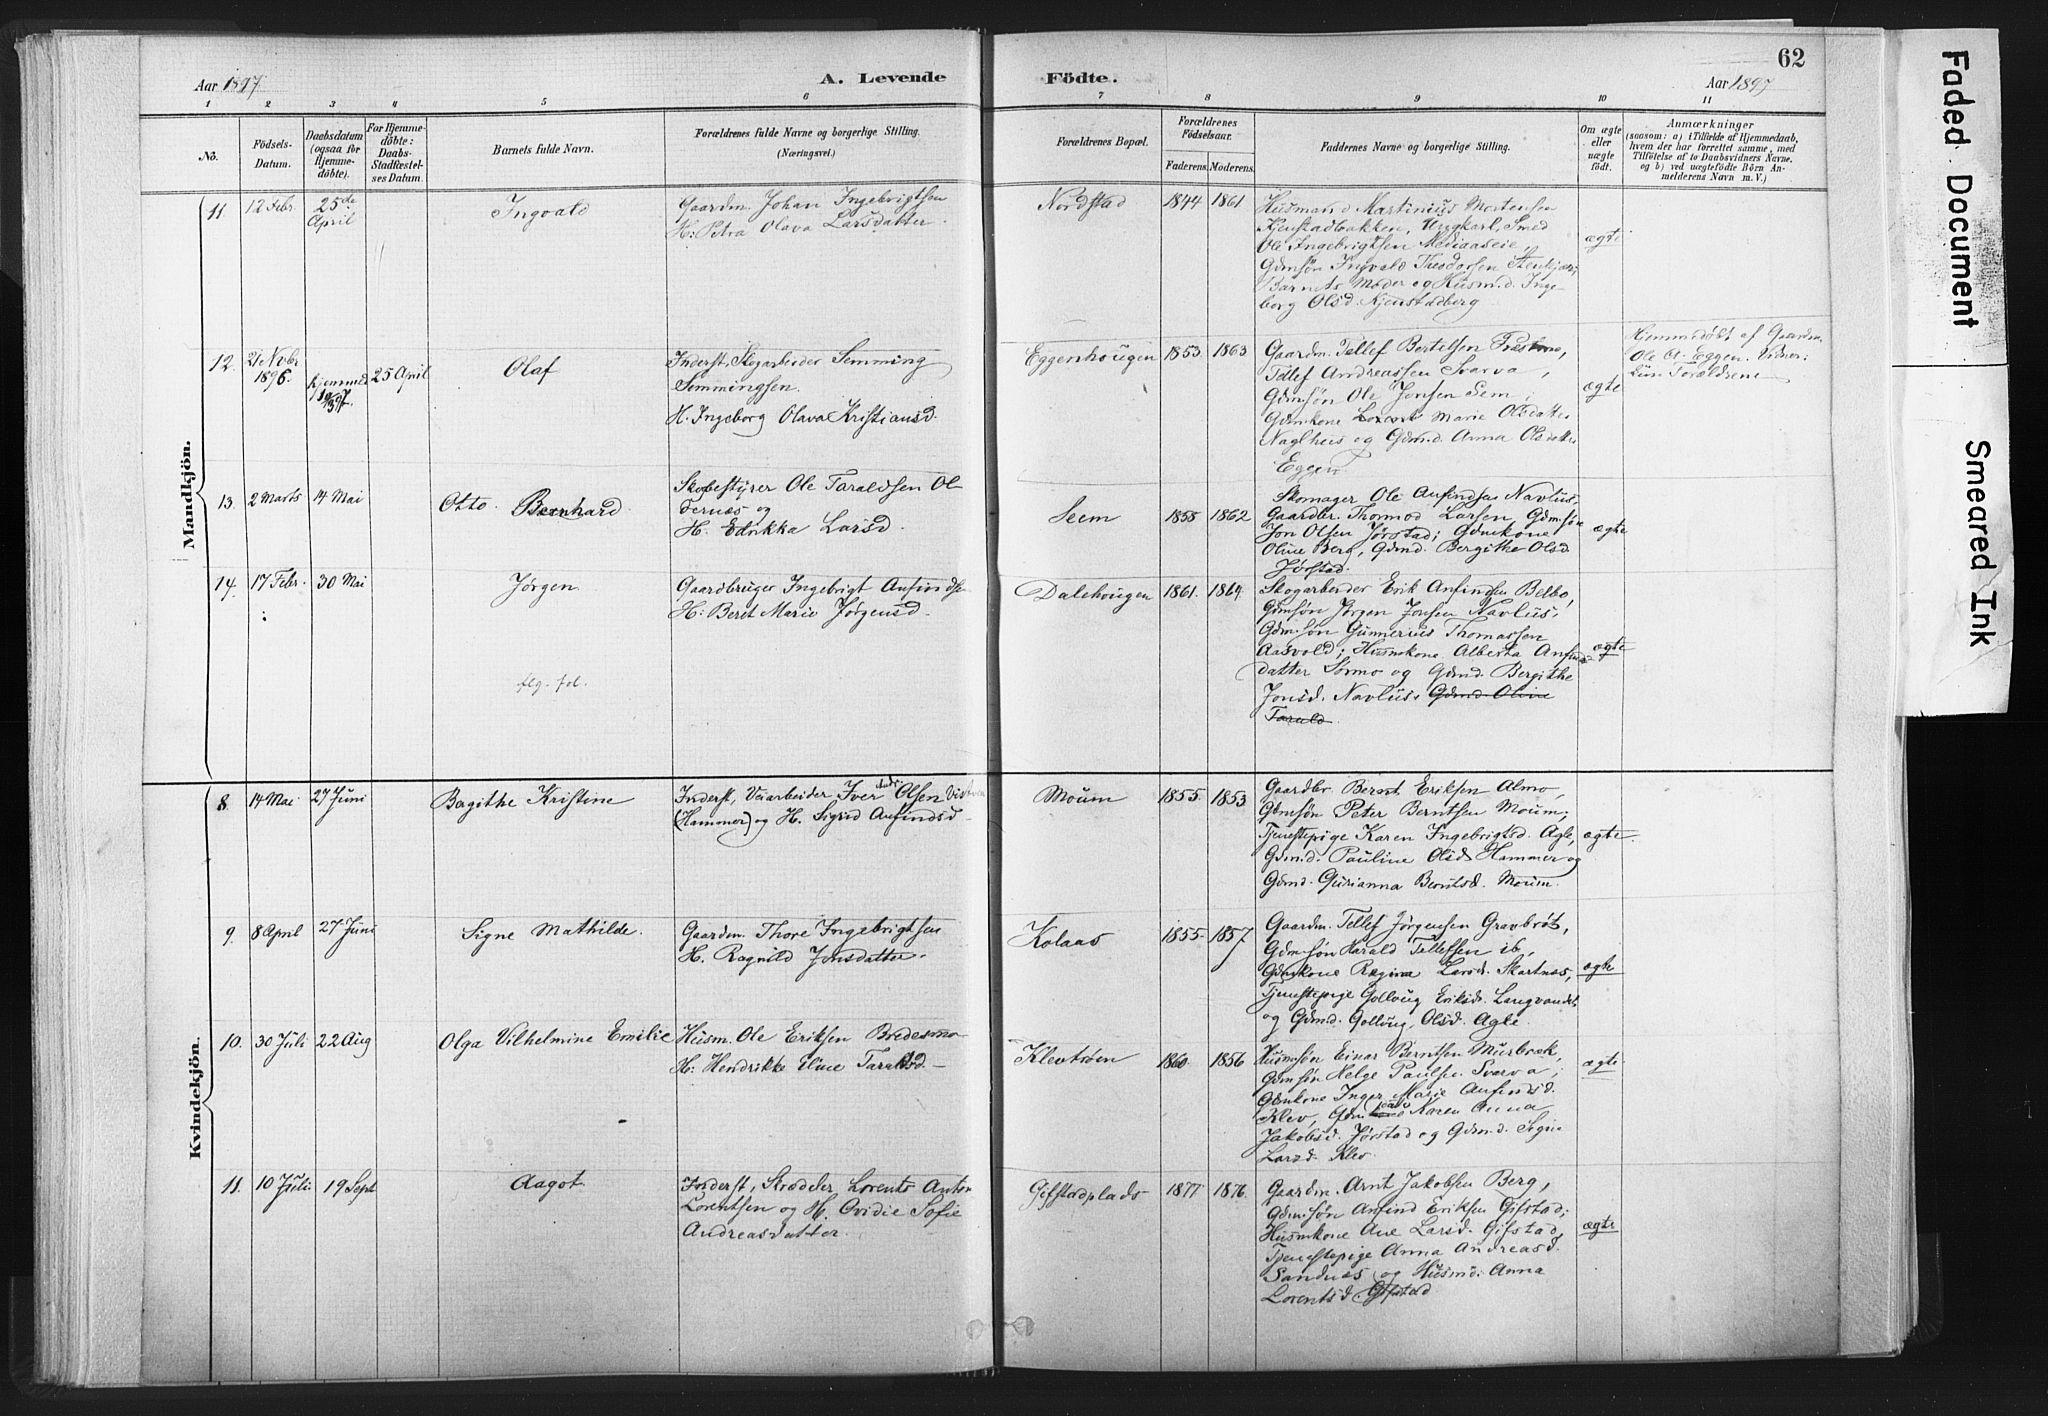 SAT, Ministerialprotokoller, klokkerbøker og fødselsregistre - Nord-Trøndelag, 749/L0474: Ministerialbok nr. 749A08, 1887-1903, s. 62